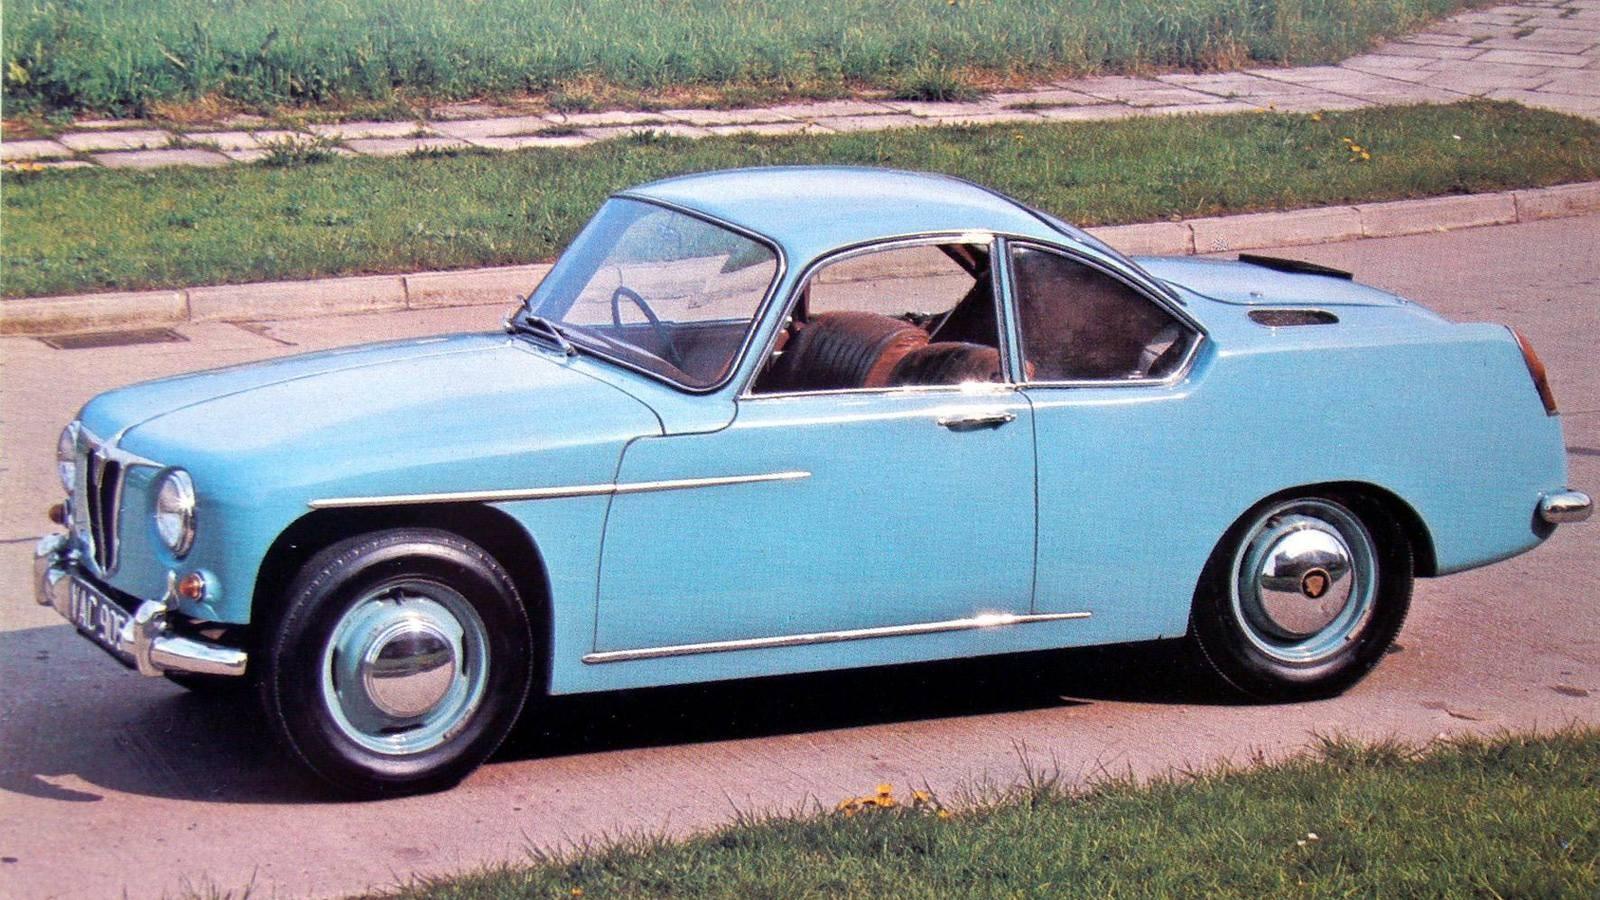 Газотурбинный автомобиль-купе T-3 в экспозиции Heritage Motor Centre в ГайдонеНесмотря на огромные расходы, в 1961-м появилась переднеприводная легковушка Т-4 с 140-сильным агрегатом 2S/140 переднего расположения и четырехместным несущим кузовом для будущей серийной модели Rover-2000. Она стала самой быстроходной дорожной машиной с ГТД (около 200 км/ч) и с места до «сотни» разгонялась за восемь секунд.Листалка из 3 фото с разными подписямиПодготовка к испытаниям четырехдверного седана Rover T-4 с передним приводом. 1961 годПоследняя газотурбинная машина компании Rover с кузовом, созданным для серийной модели Rover-2000Газотурбинный автомобиль Rover Т-4 из коллекции музея Heritage Motor Centre GaydonДополнением к серии Т-4 был удлиненный приземистый спортивный вариант Rover-BRM с задним приводом и двухместным кузовом купе, созданный совместно с фирмой BRM. До середины 1970-х он служил престижным и дорогим дорожным автомобилем и участвовал в крупных международных автогонках.Престижный дорожный вариант спортивного автомобиля Rover-BRM с газовой турбиной. 1965 годГазотурбинный уникум FIATС 1948 года разработкой скоростной газотурбинной машины Turbina занимался итальянский концерн FIAT, приняв за основу своё «нормальное» спортивное купе модели 8V и конструкции авиационных турбовинтовых моторов. Ее шасси собрали в феврале 1954-го, а 10 апреля на свет появился эффектный обтекаемый красно-белый автомобиль с задними стабилизаторами, способный развивать скорость 250 км/ч.Спортивная газотурбинная машина FIAT Turbina в Museo dell' Automobile di Torino. 1954 годАвтомобиль FIAT Turbina с задним силовым агрегатом и автоматической трансмиссией модели 8001Главной особенностью 300-сильного ГТД заднего расположения была особая трансмиссия модели 8001, автоматически регулировавшая рабочие режимы компрессора и тяговой турбины. При этом свежий воздух засасывался спереди и подавался к заднему компрессору по центральному тоннелю.При желании на этой схеме можно разглядеть всю «механическую 